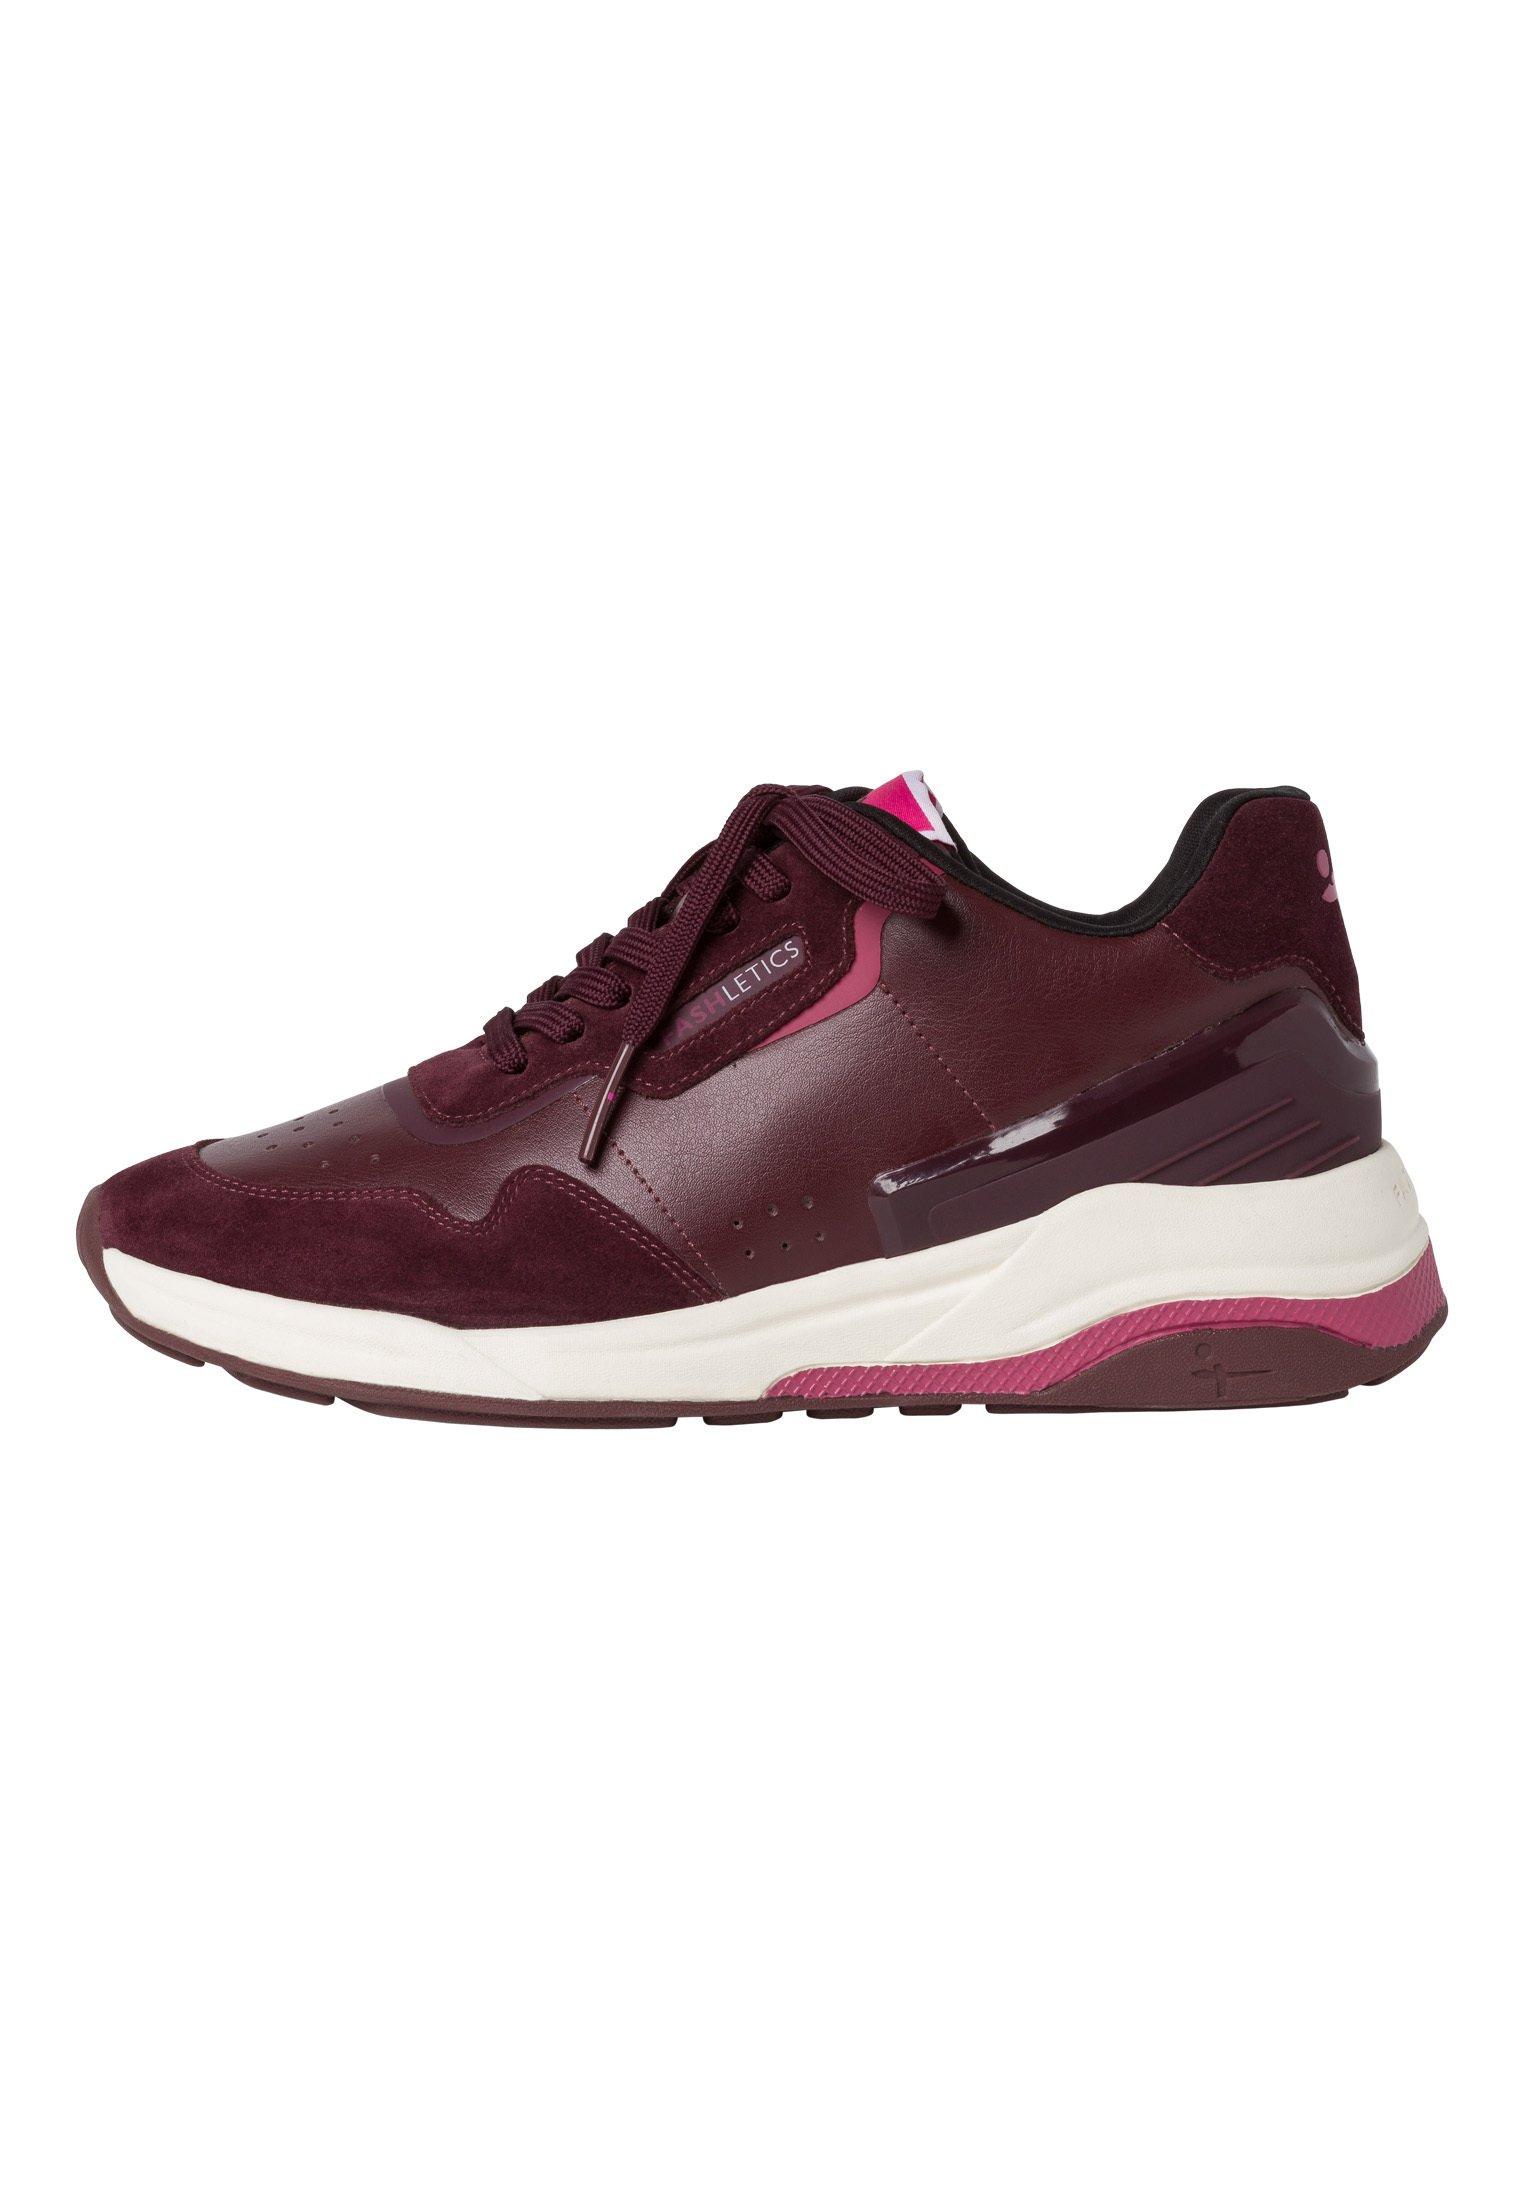 Lilafarbene Sneaker für Damen online kaufen | Mach's dir